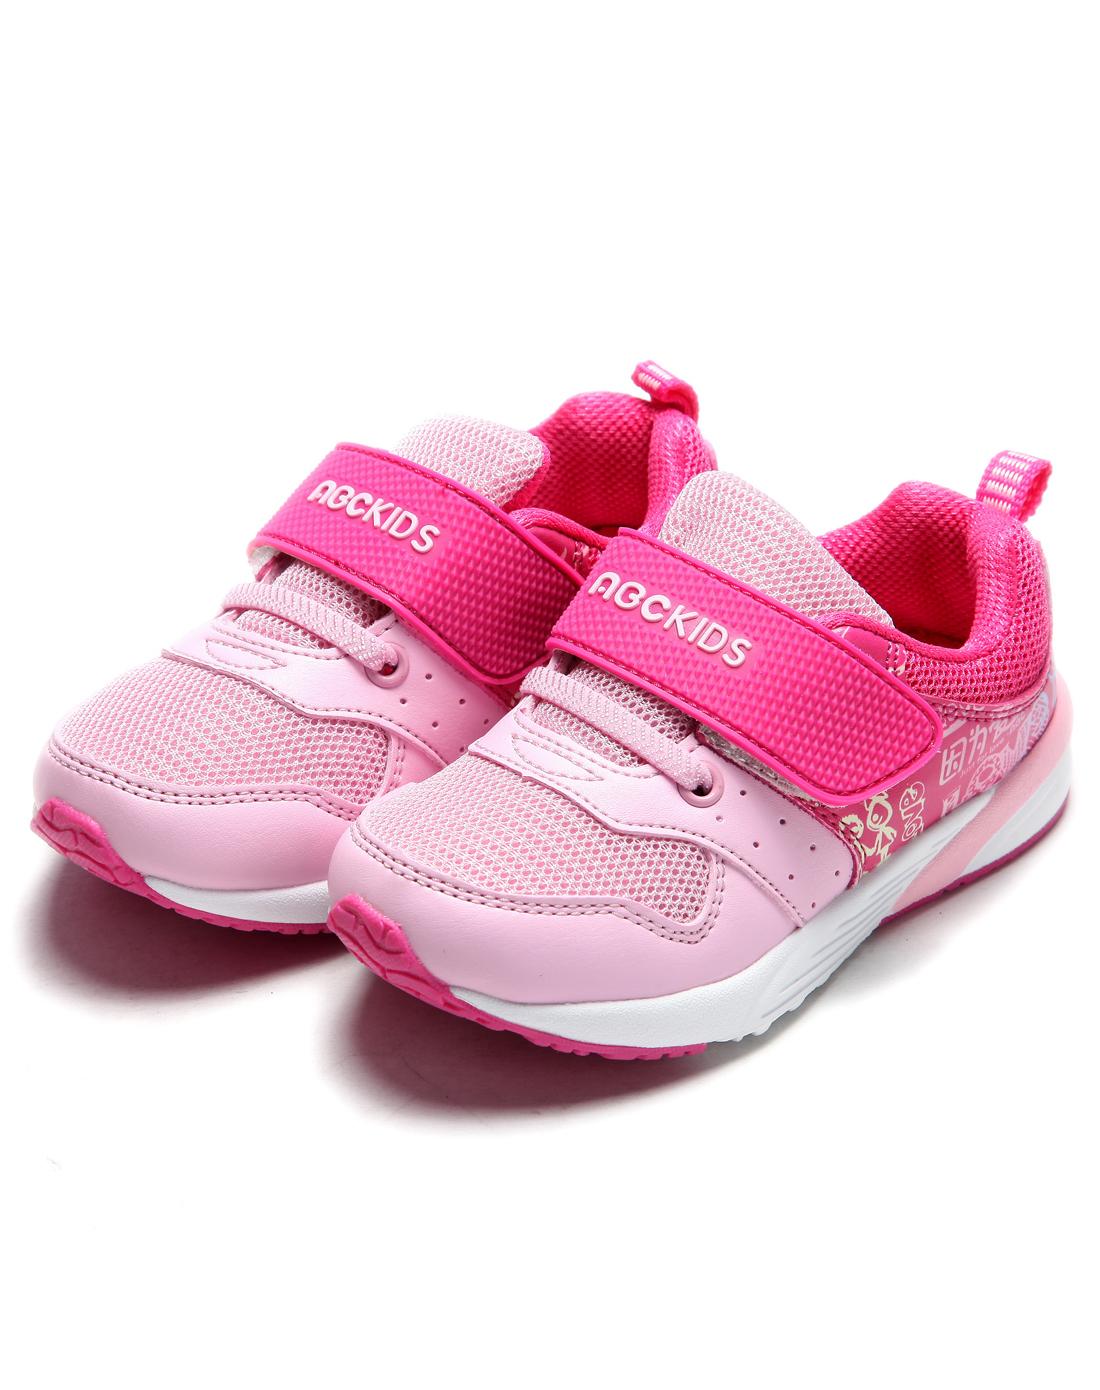 玫红休闲运动鞋-6165